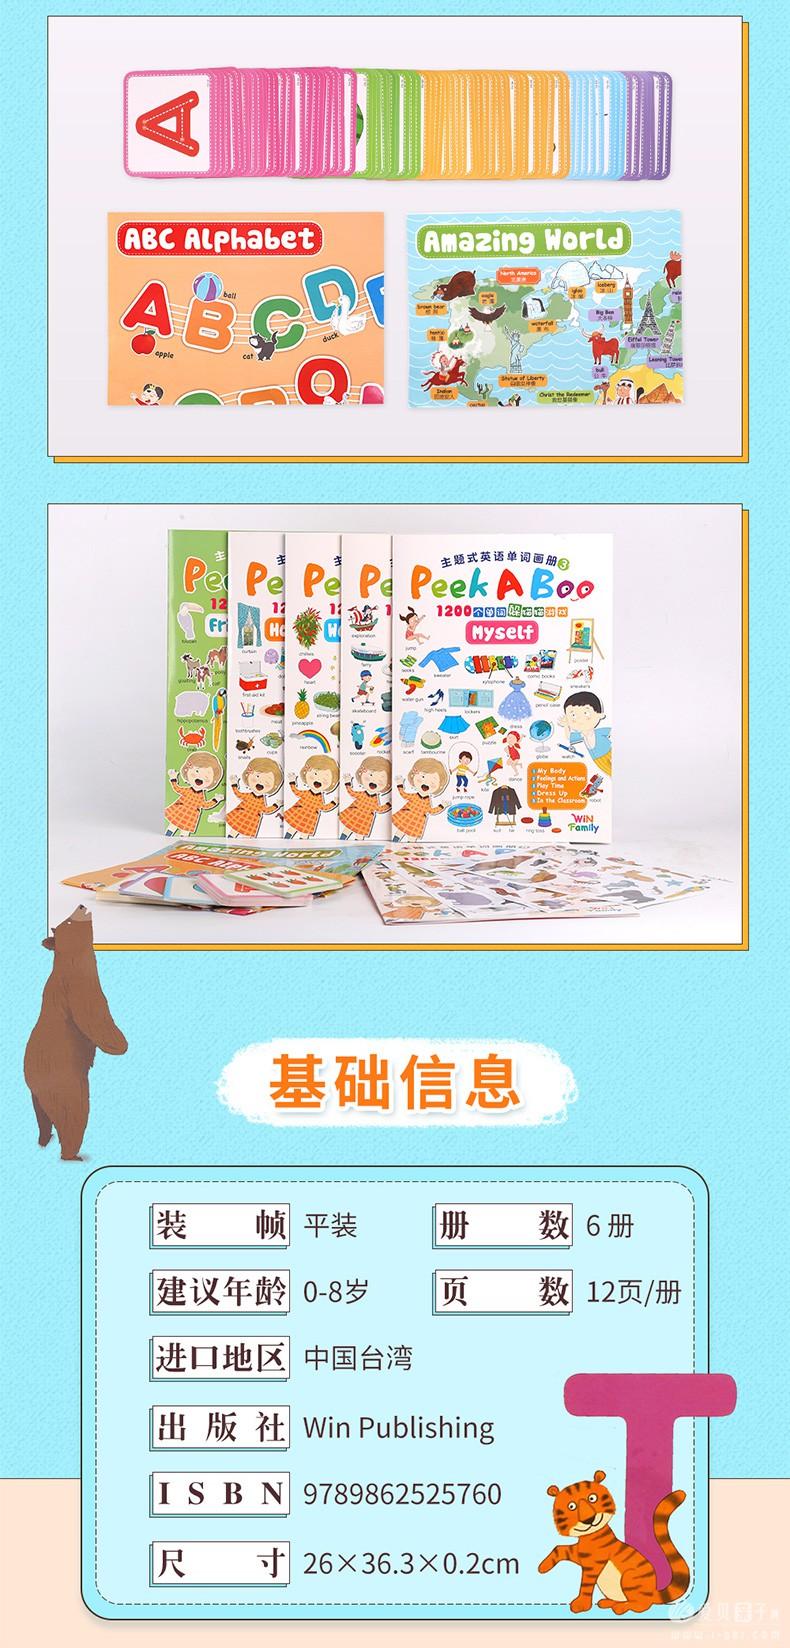 Peekaboo绘本(6册书+80张词卡+2张海报)